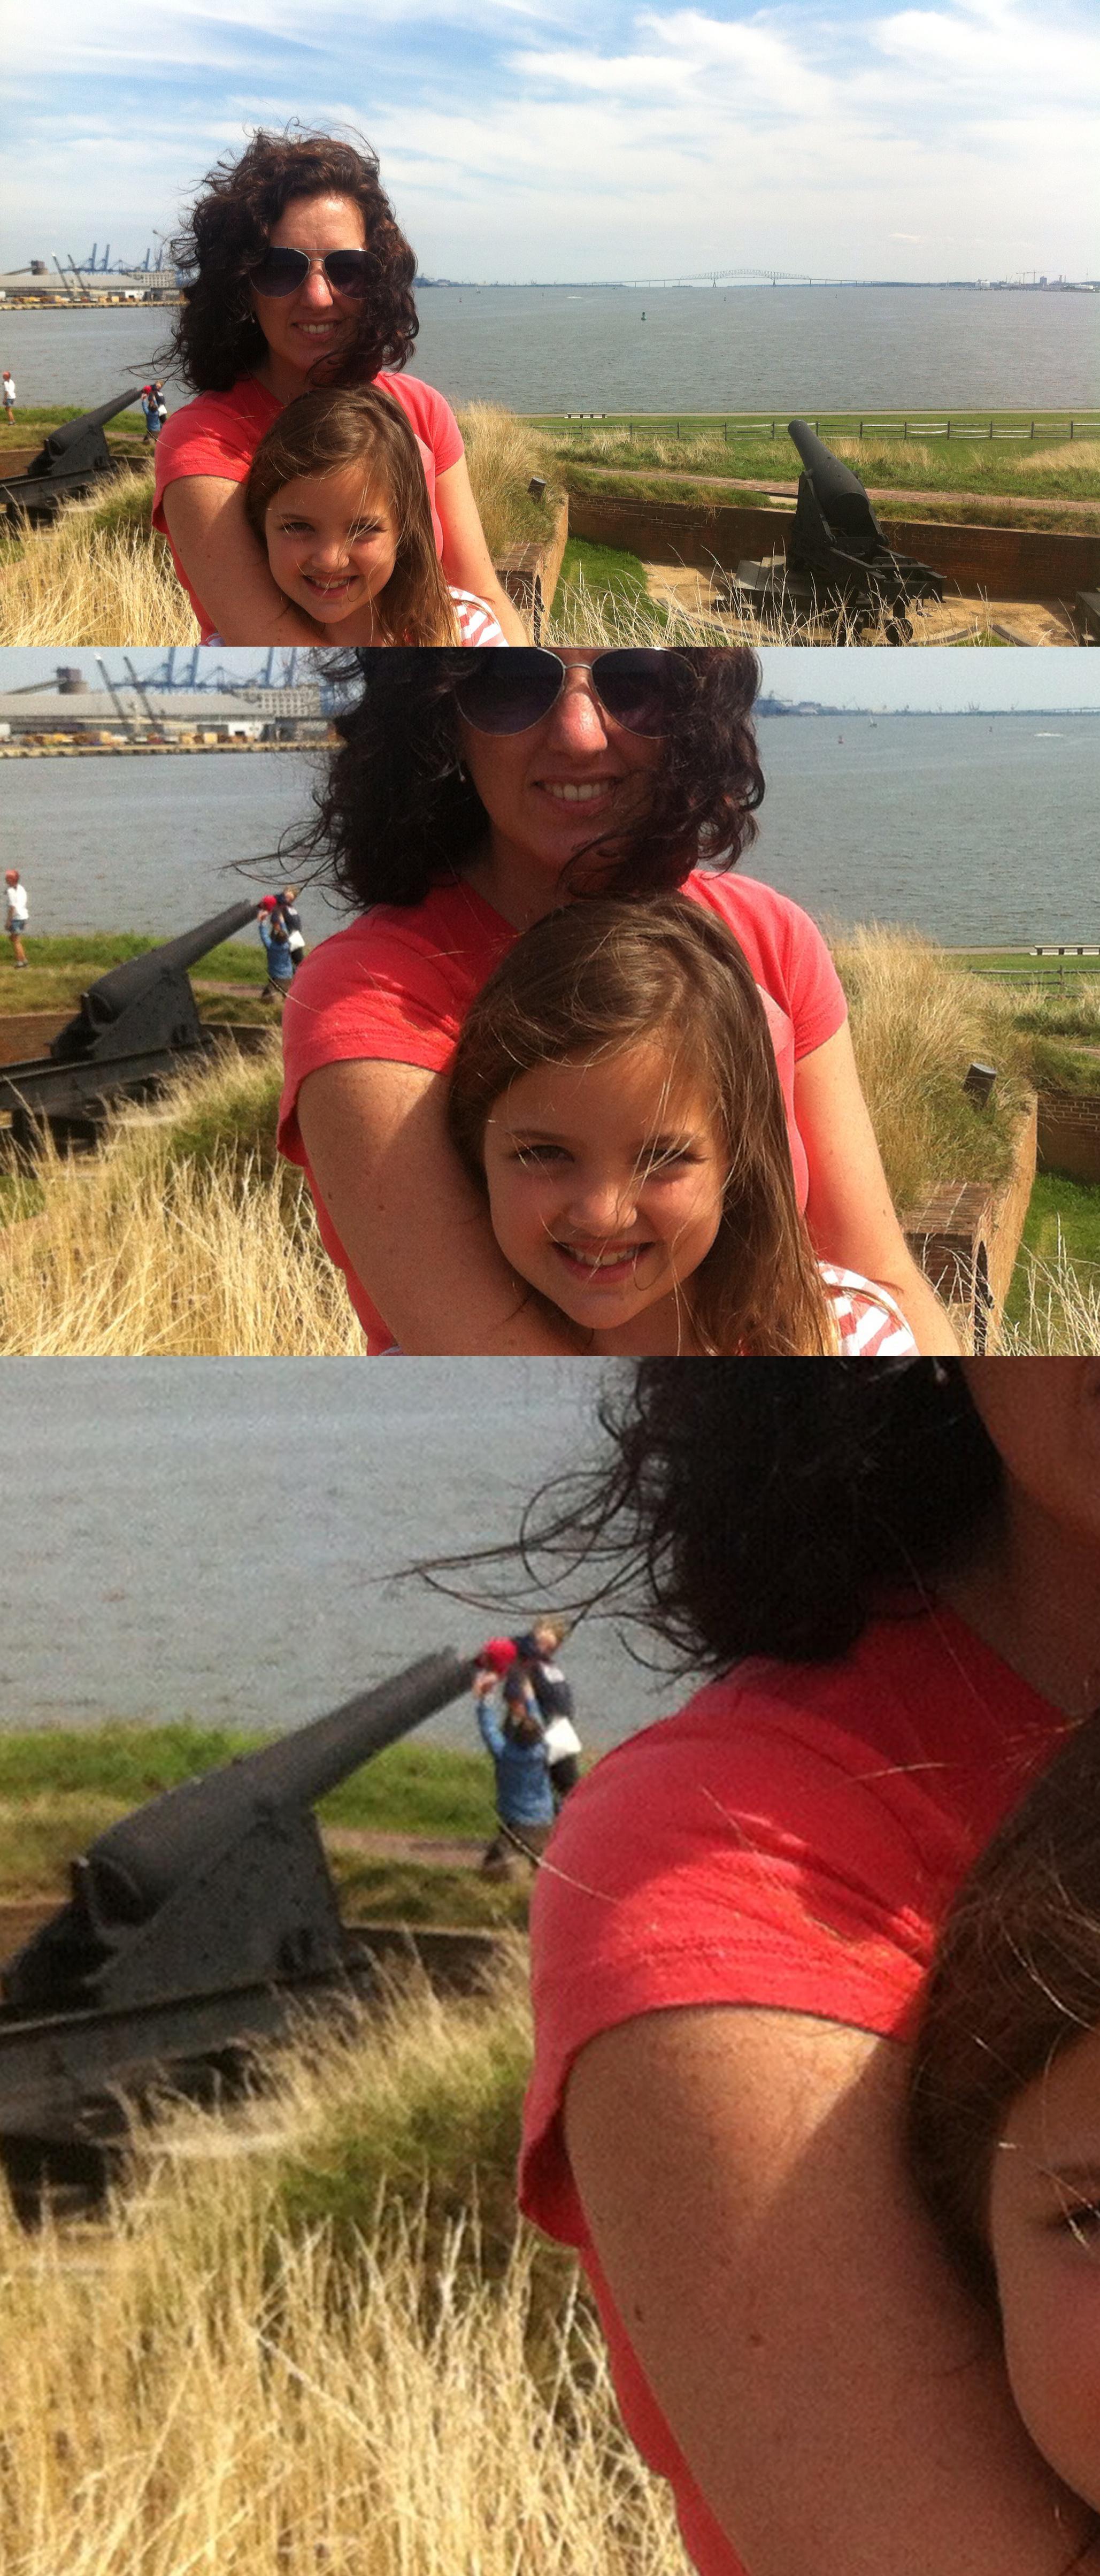 selfie background fails